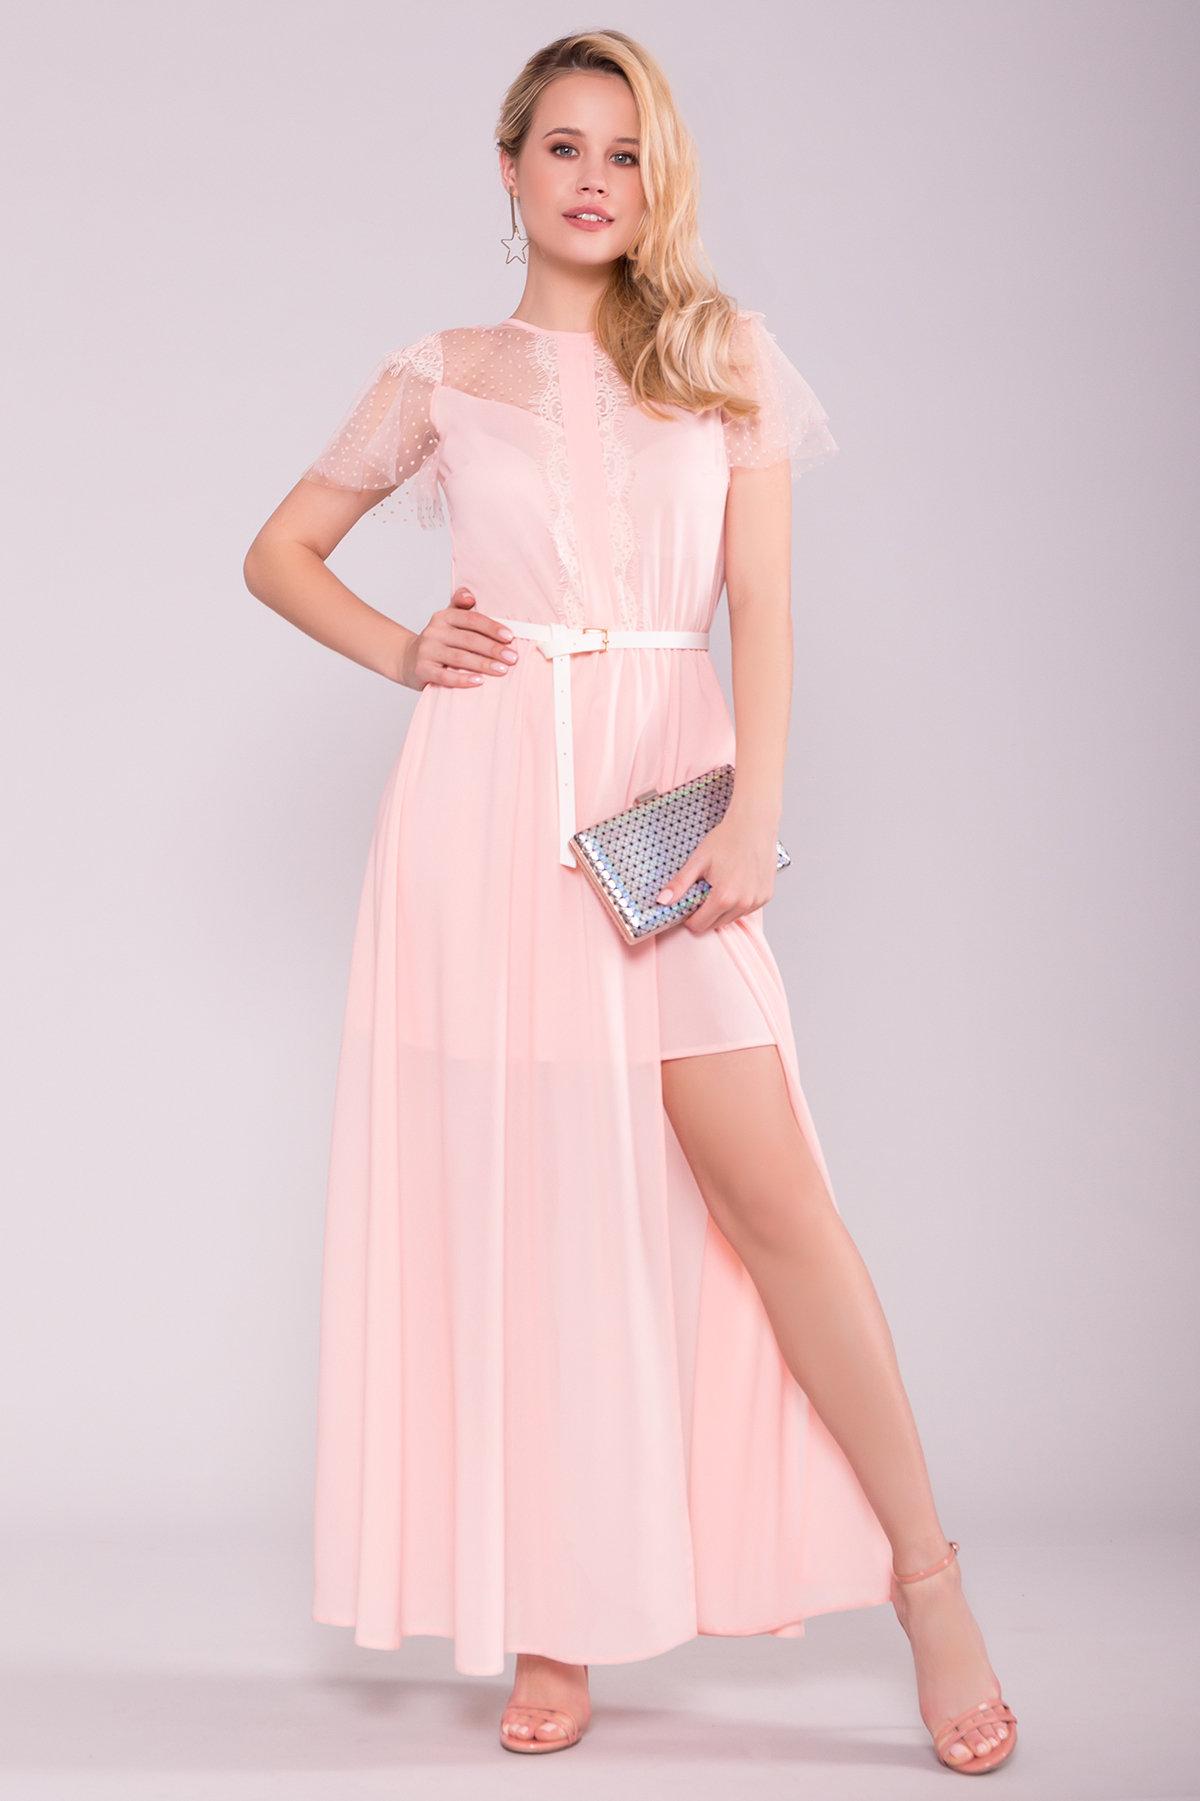 Платье Австралия 7333 АРТ. 43030 Цвет: Пудра Светлая - фото 3, интернет магазин tm-modus.ru